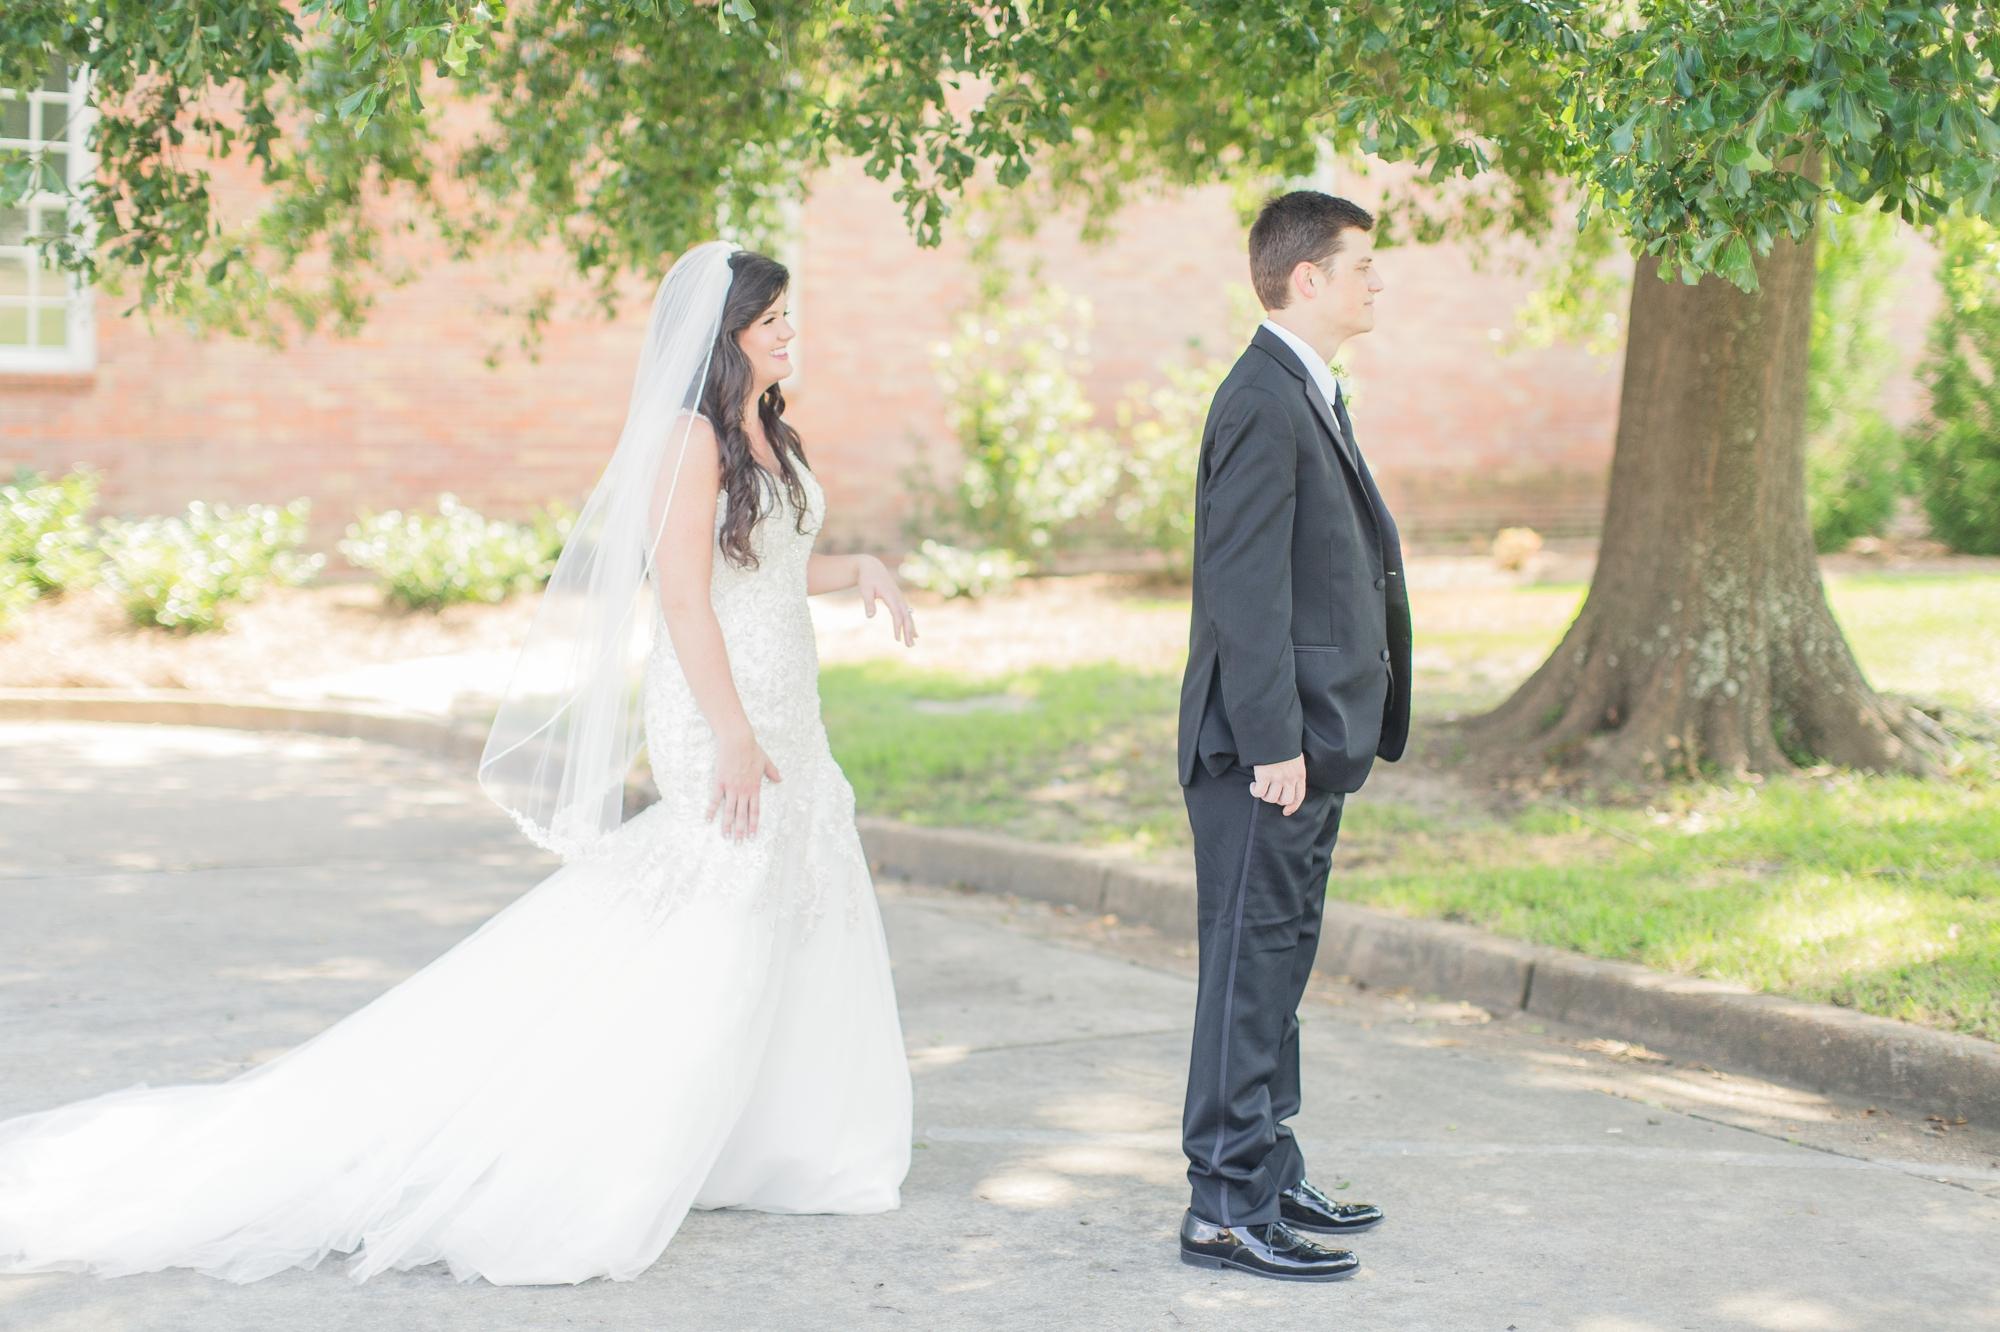 philadelphia-mississippi-summer-wedding 18.jpg